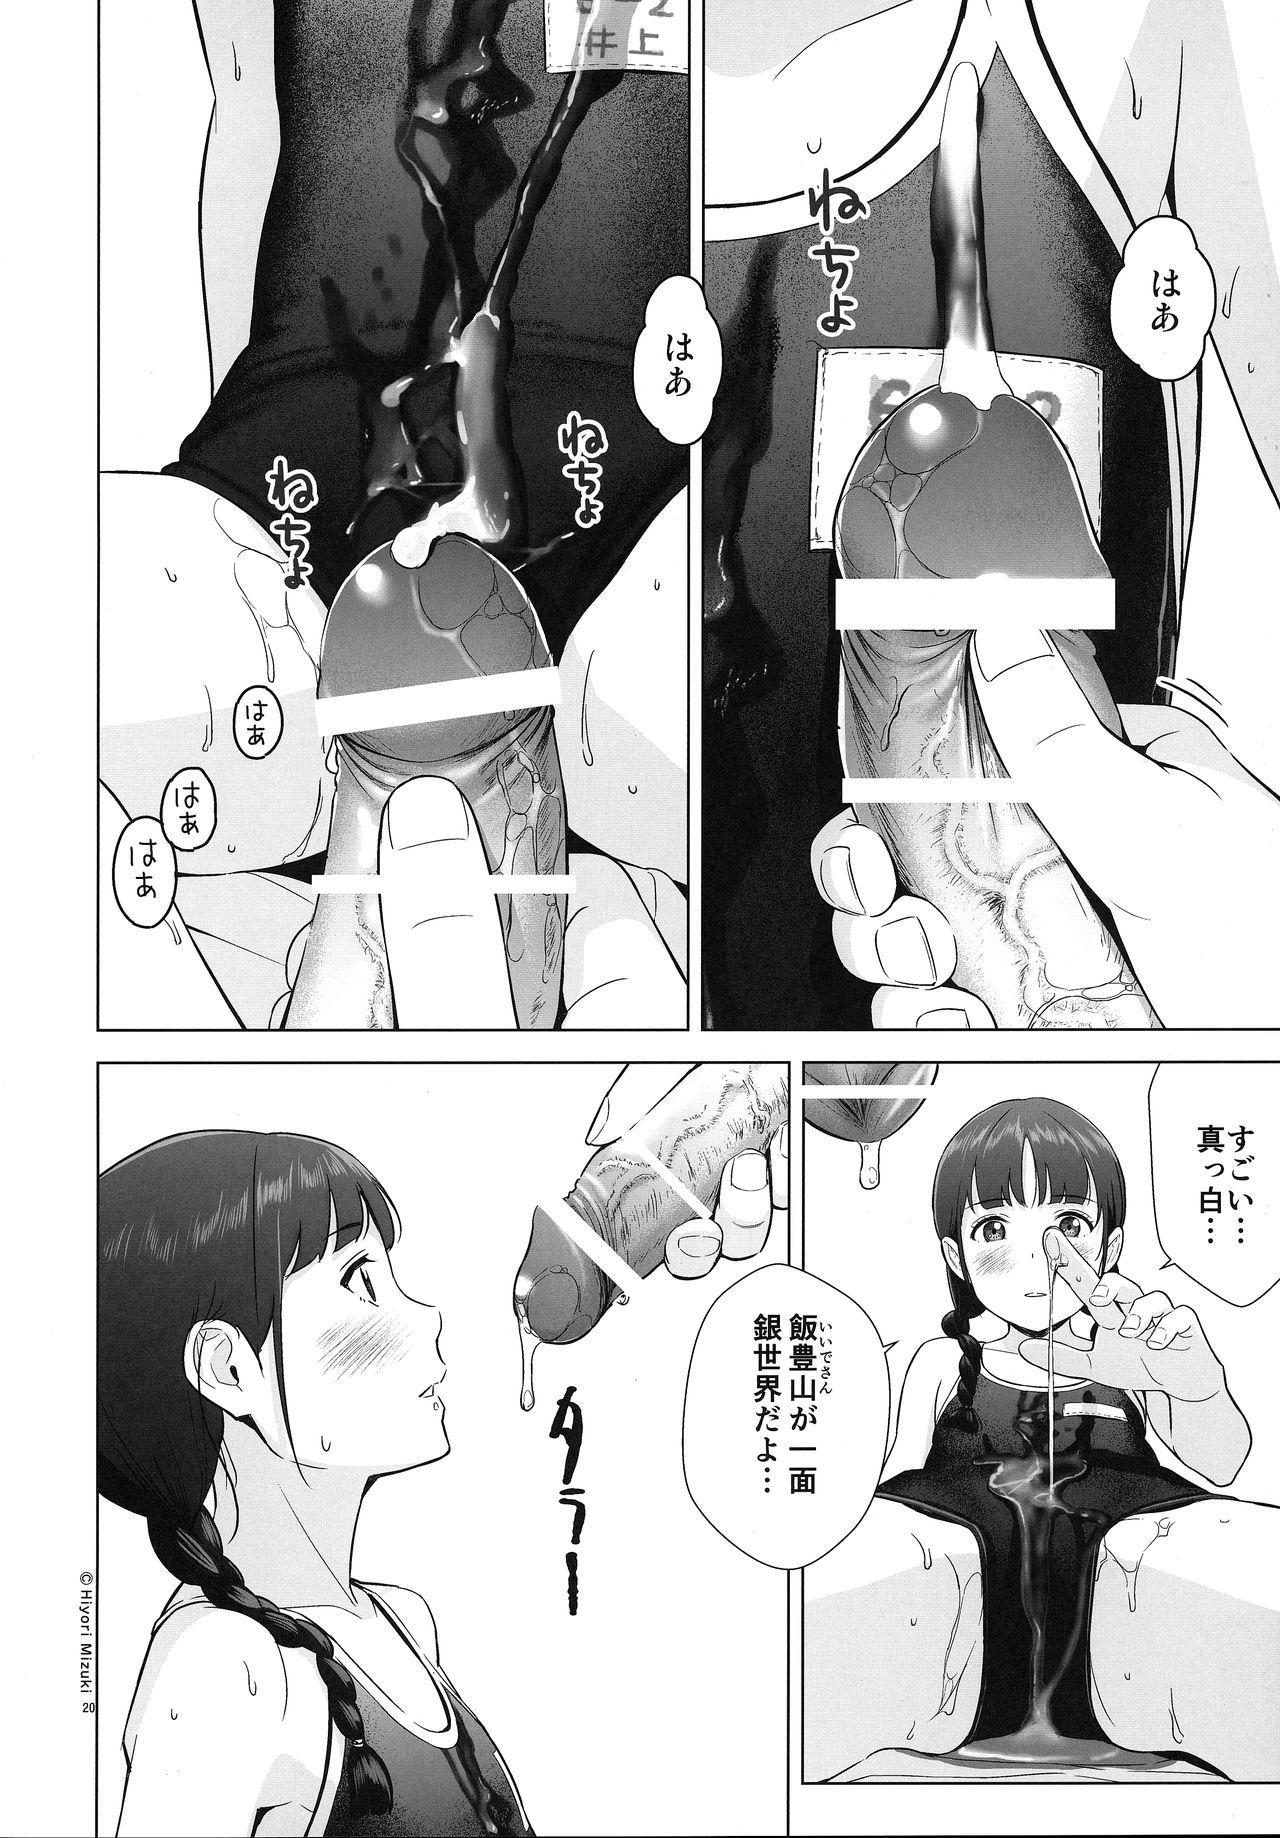 Senobi Shoujo to Icha Love Seikatsu Inoue Chiri 14-sai 20